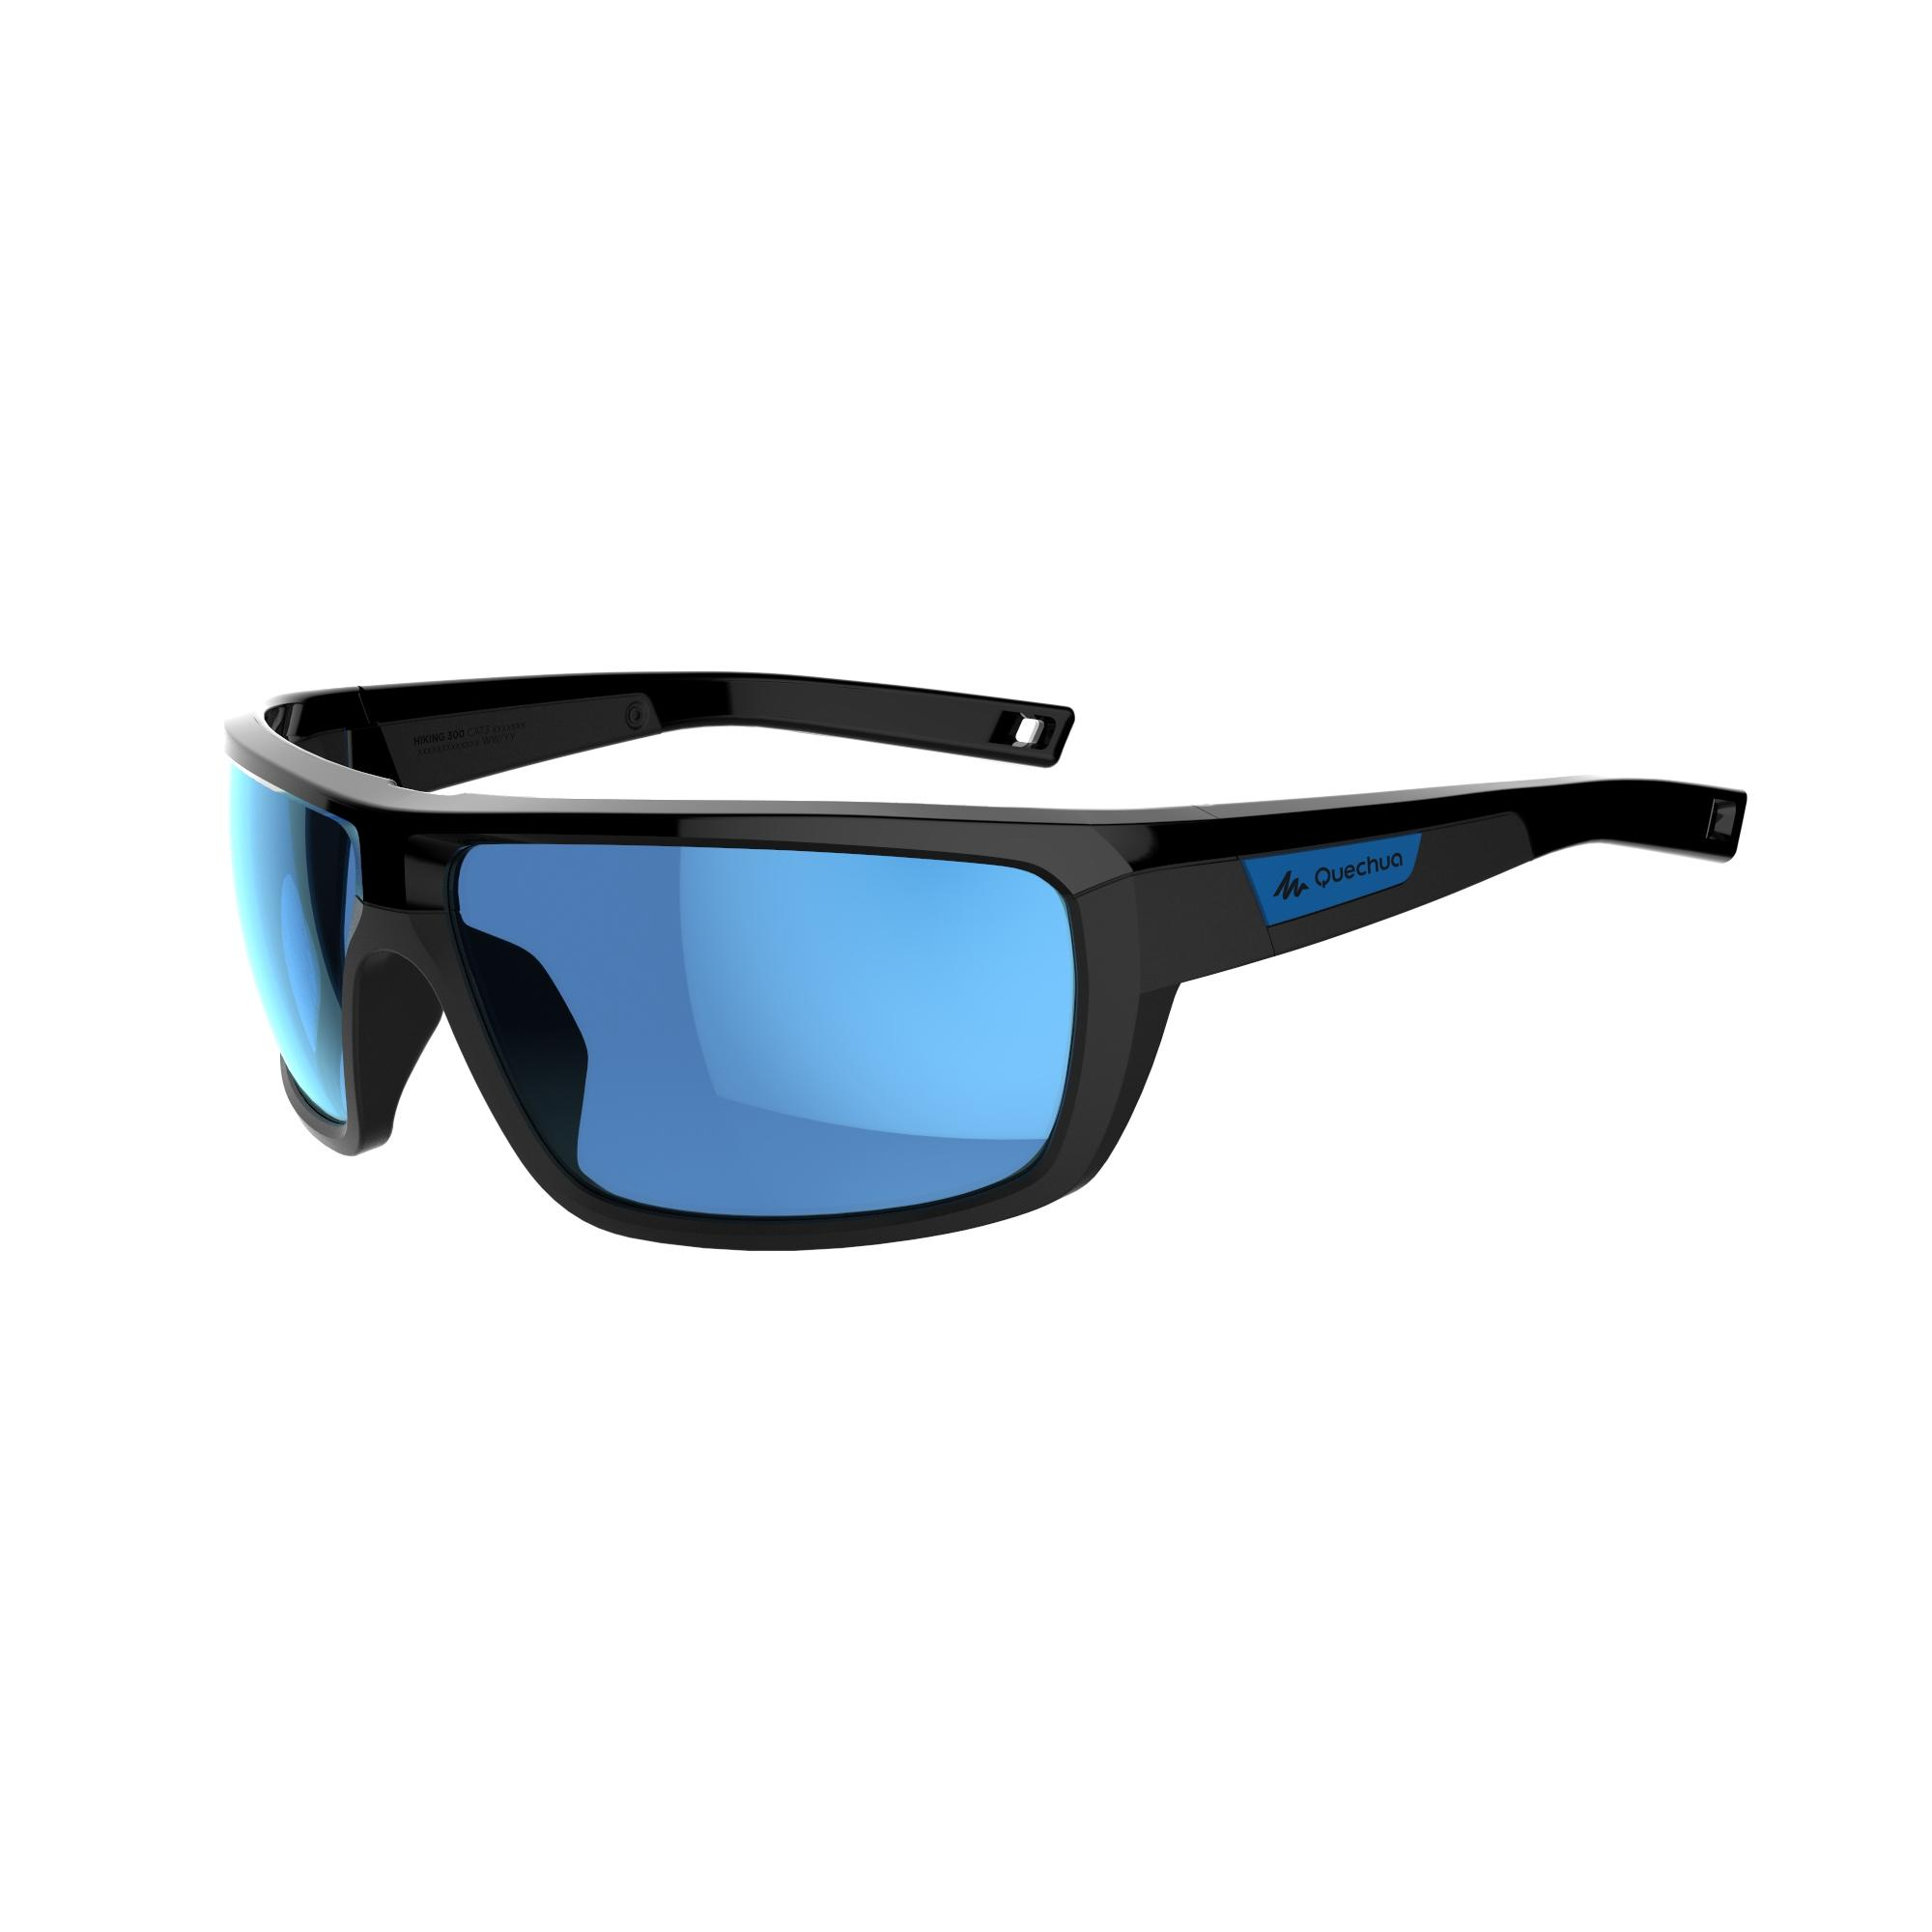 Lentes de sol de senderismo adulto HIKING 300 negro y azul. Categoría 3